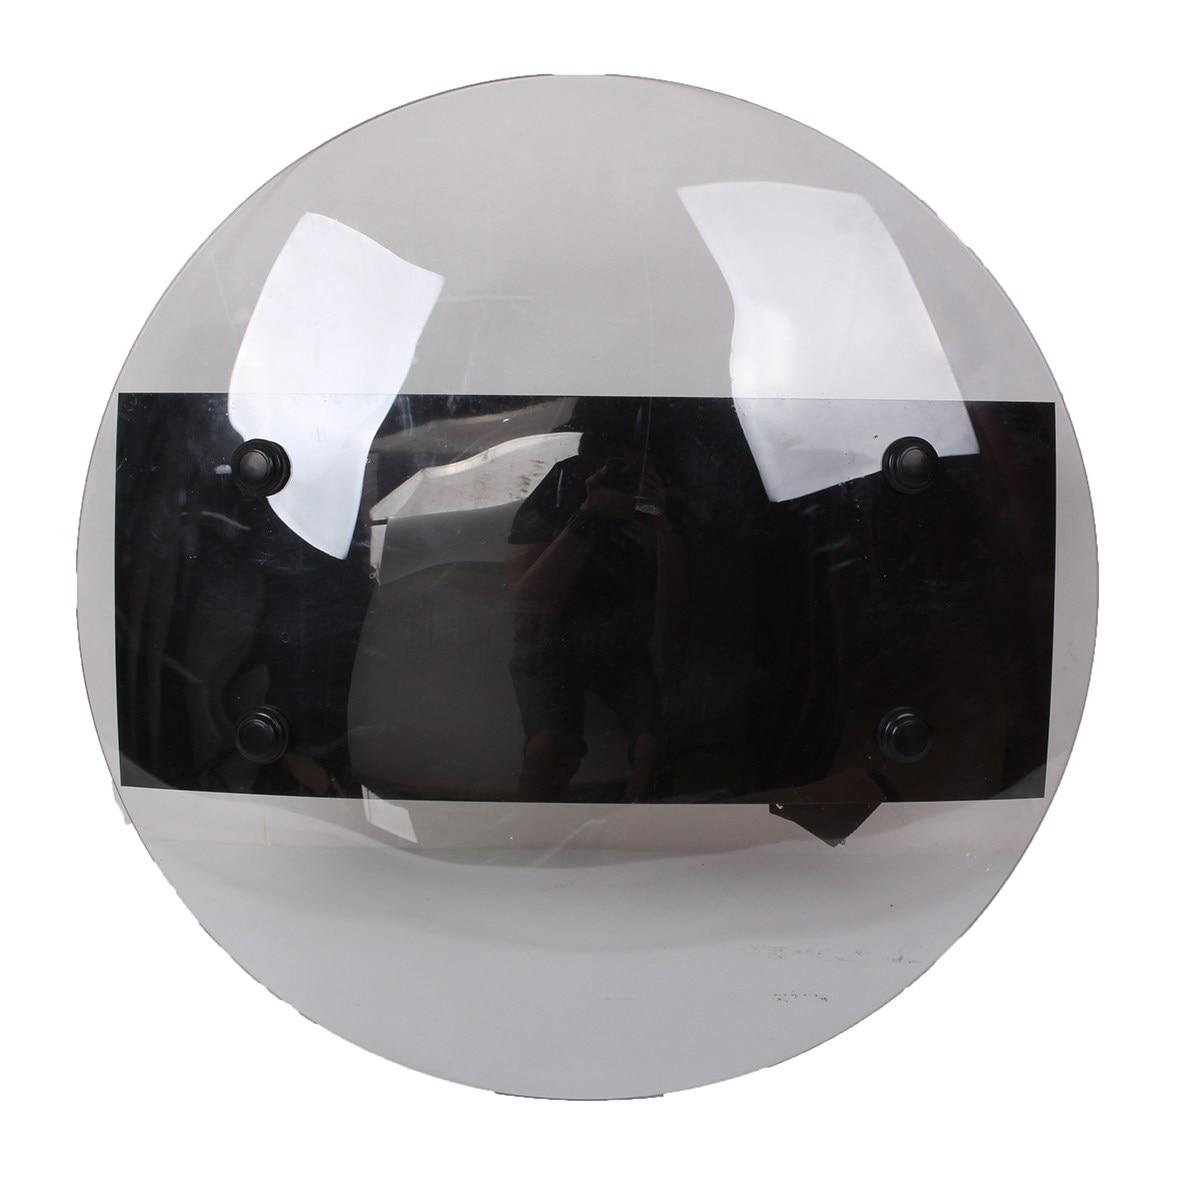 Прозрачный ручной щит Safurance из поликарбоната, защита от бунтов, Самозащита